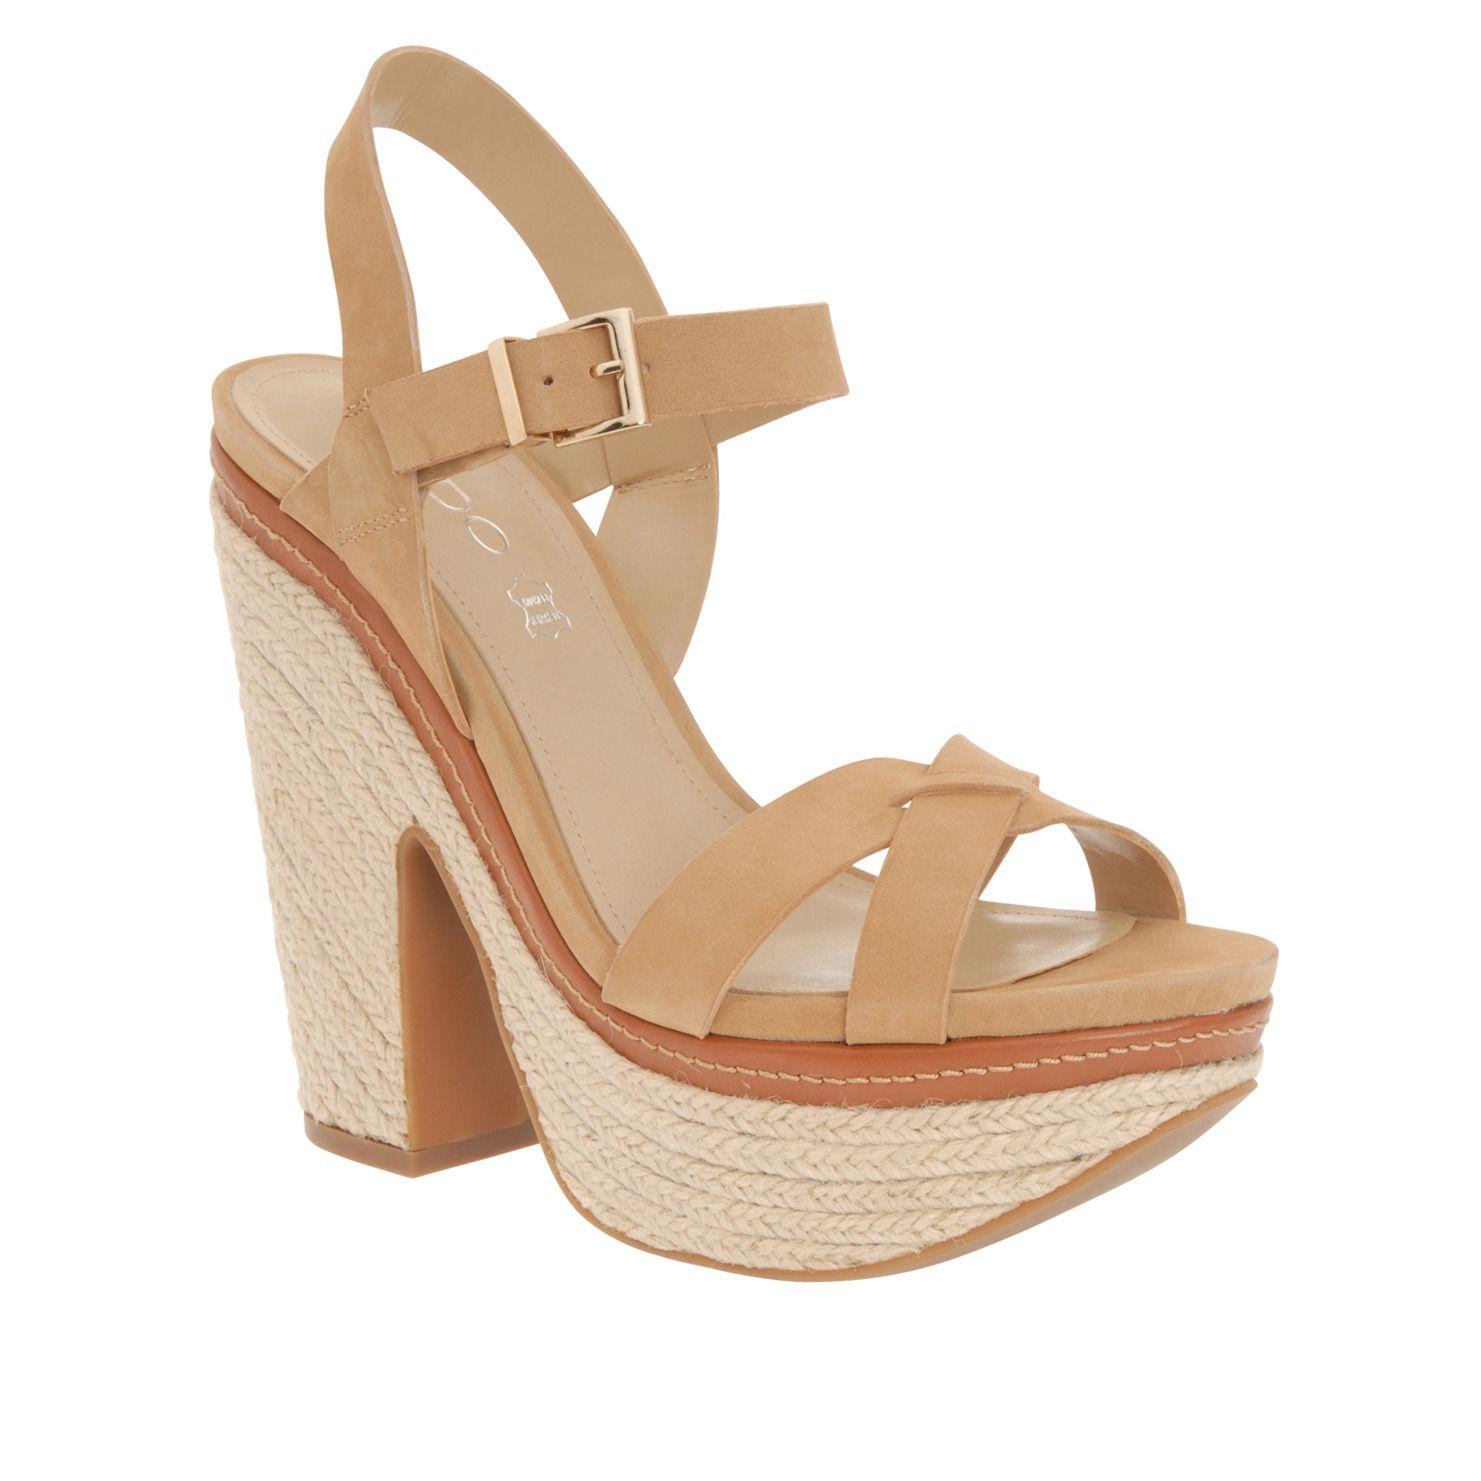 Shoes, Sandals, Aldo shoes